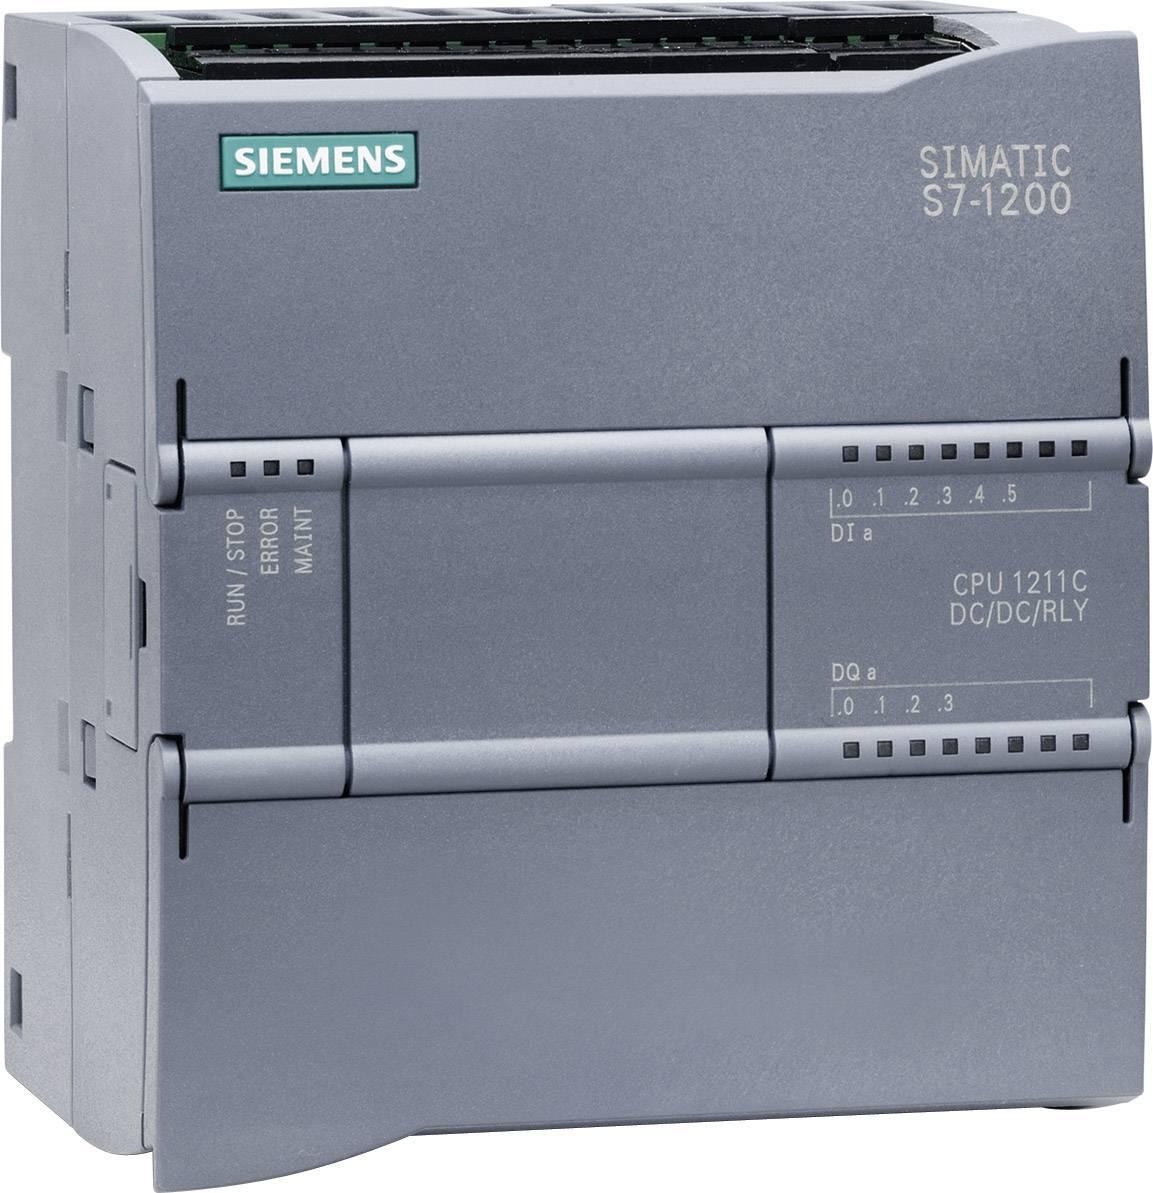 Řídicí reléový PLC modul Siemens CPU 1211C DC/DC/RELAIS (6ES7211-1HD30-0XB0), IP20